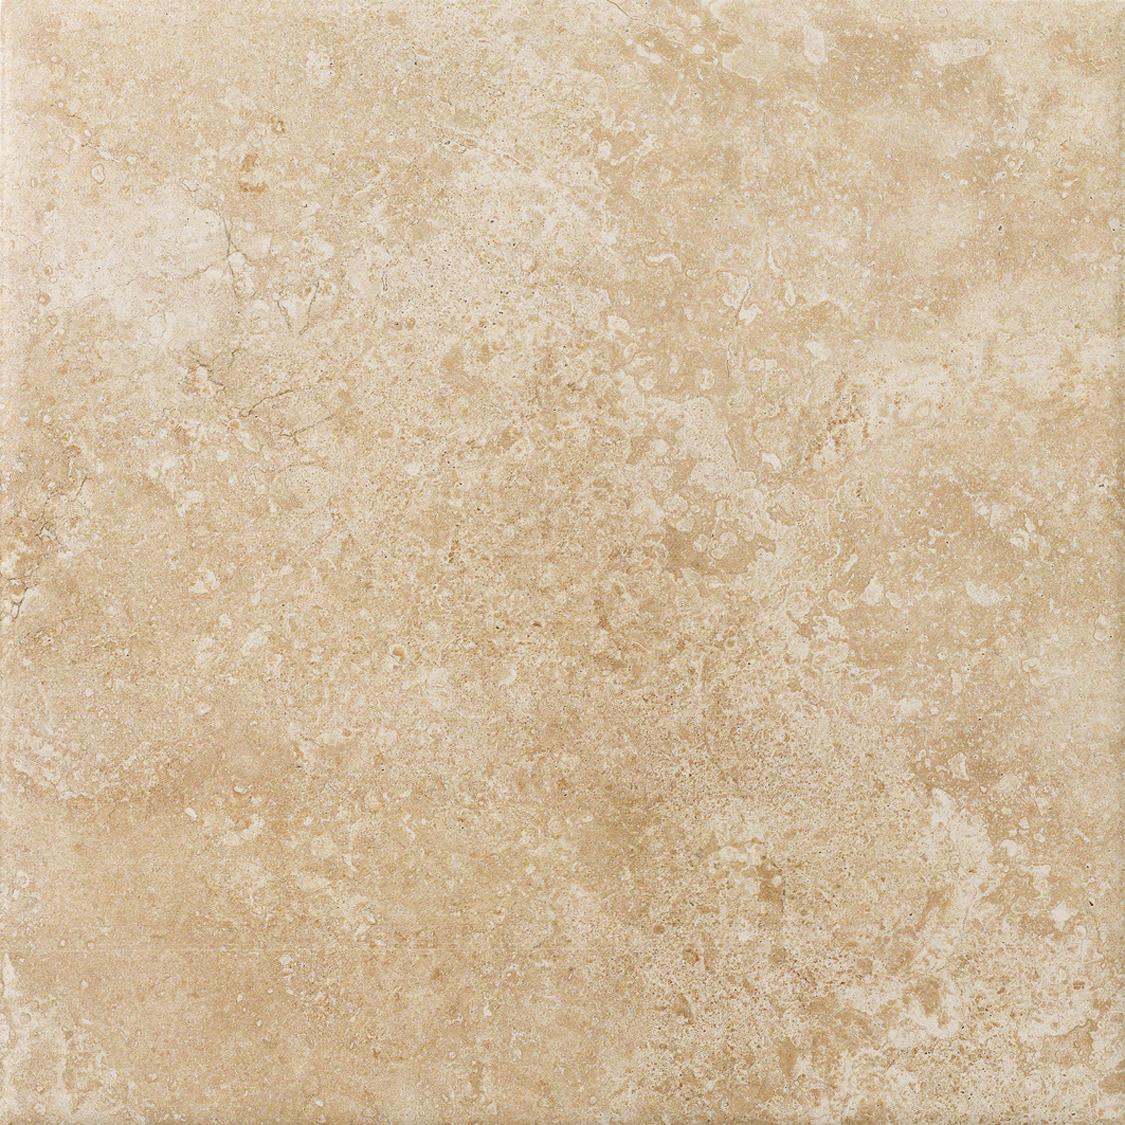 Плитка из керамогранита патинированная Italon НЛ-Стоун бежевый (610015000163)